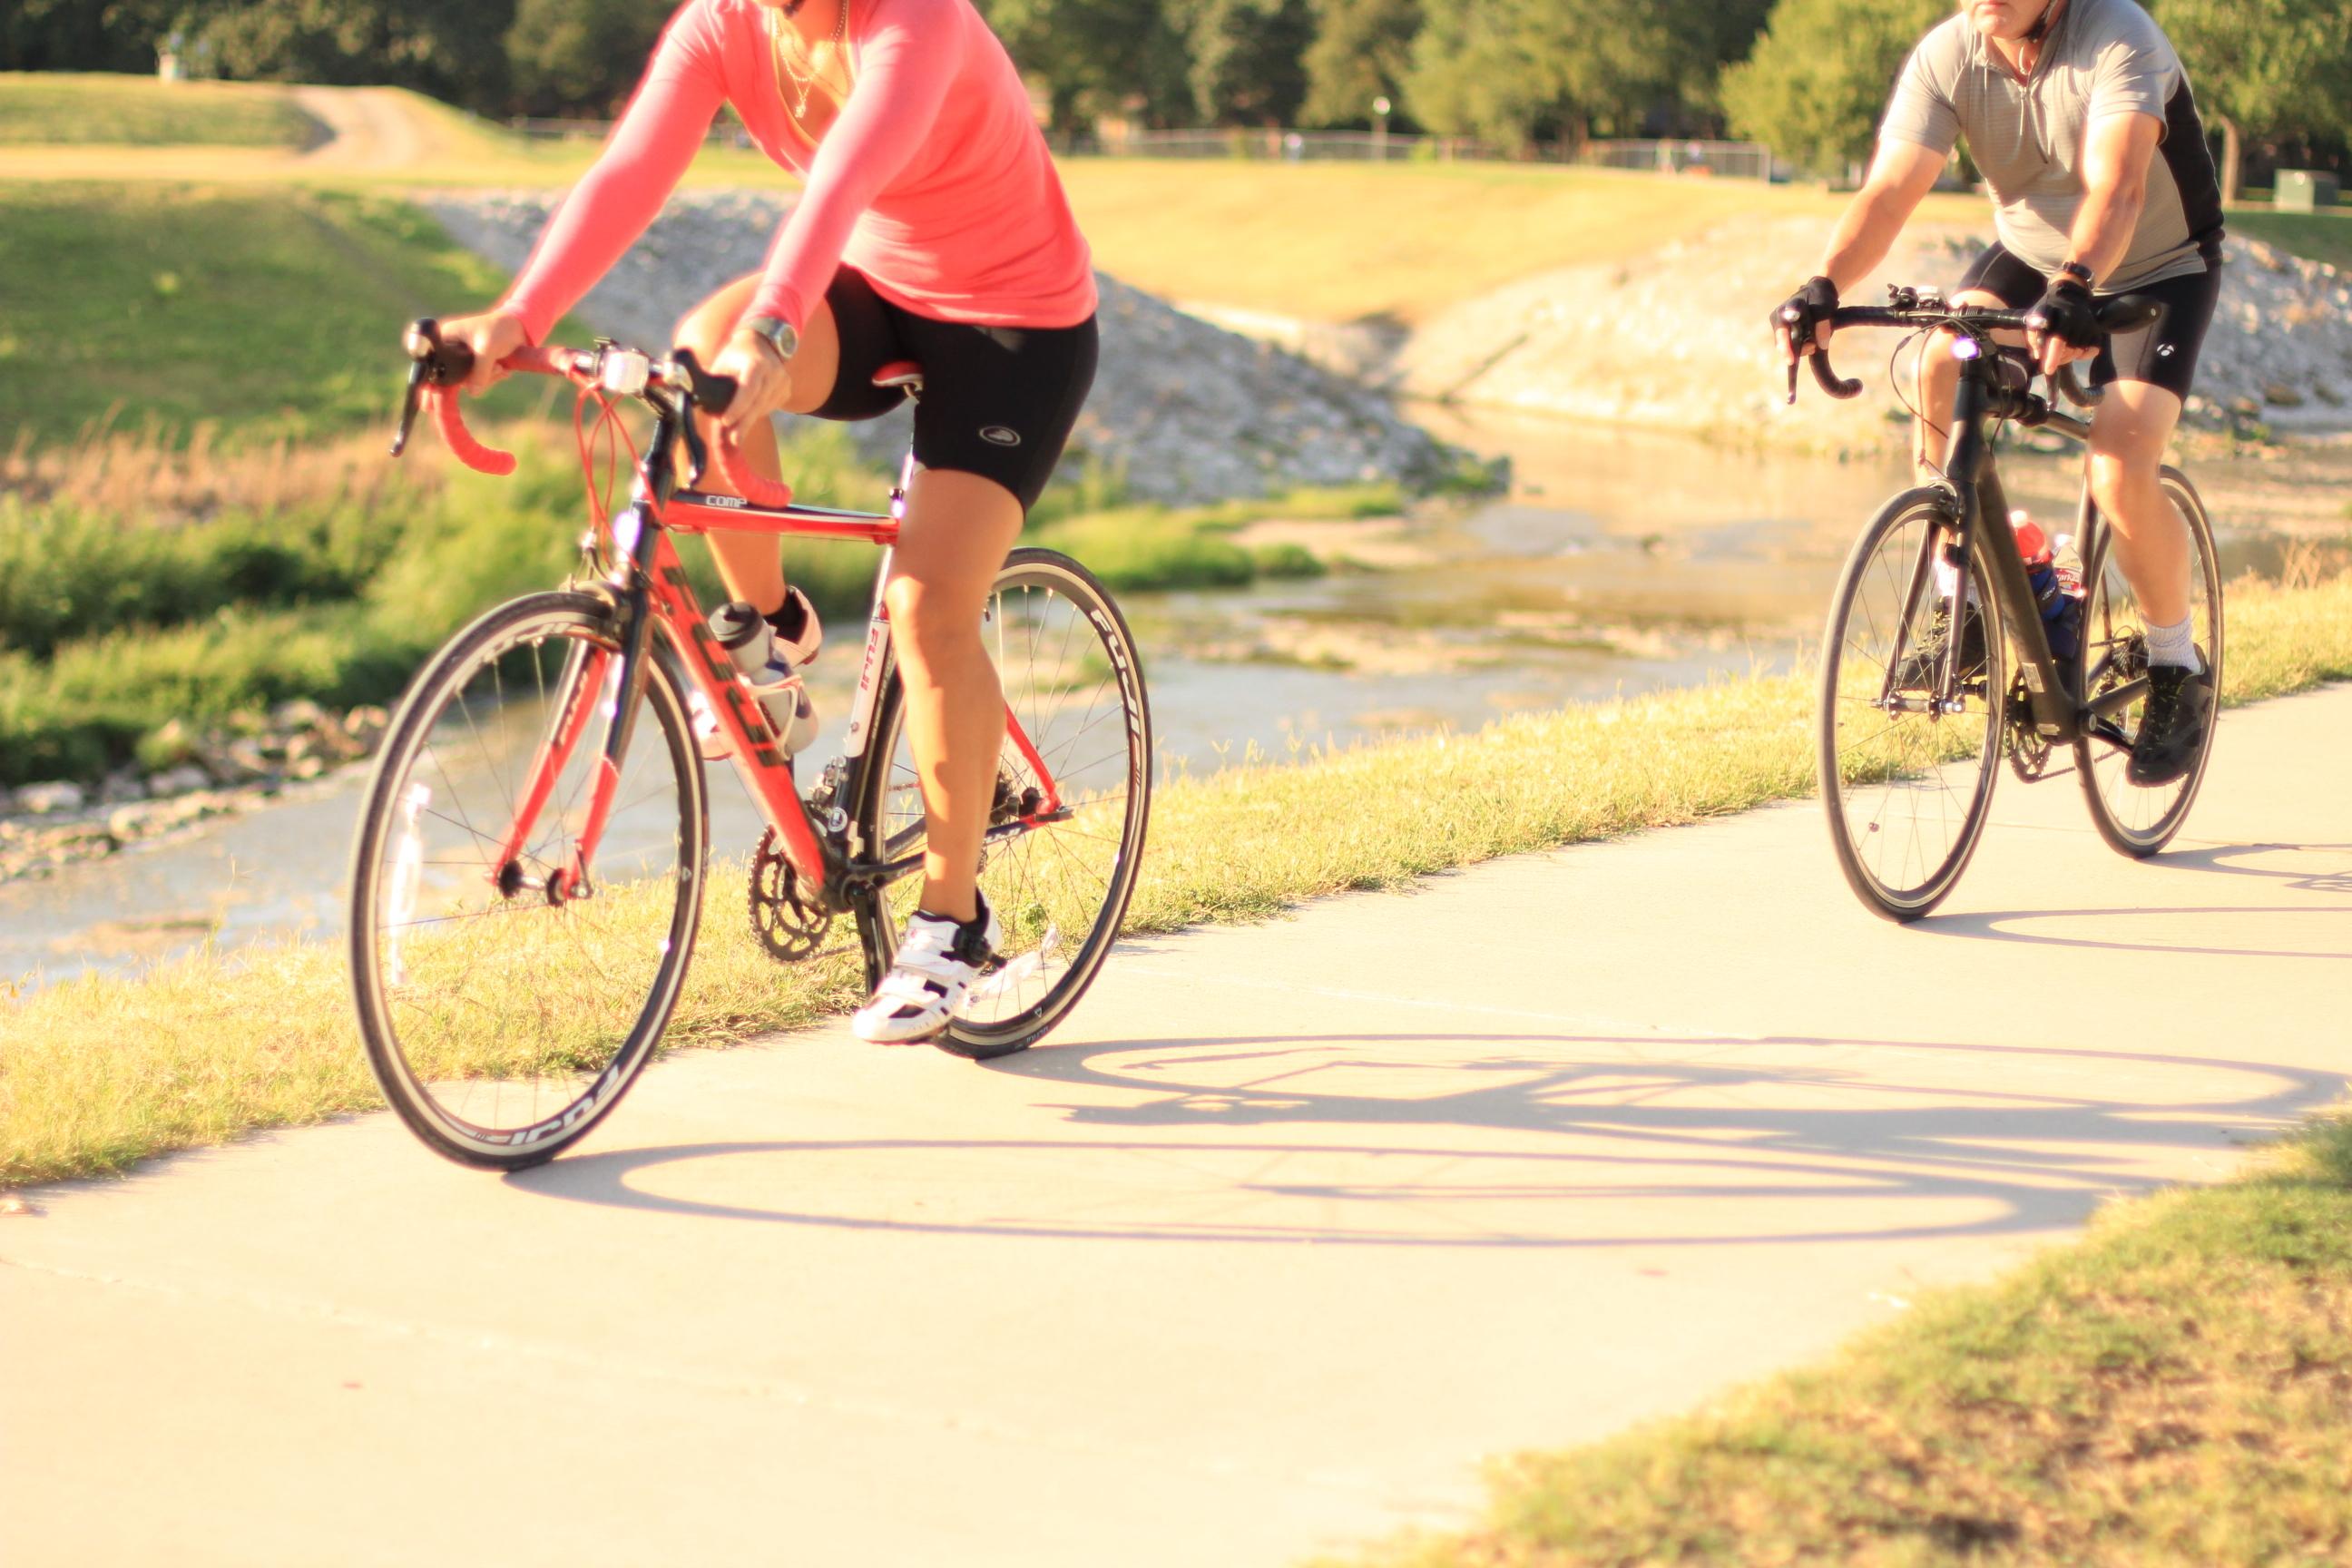 Forth Worth Texas biking